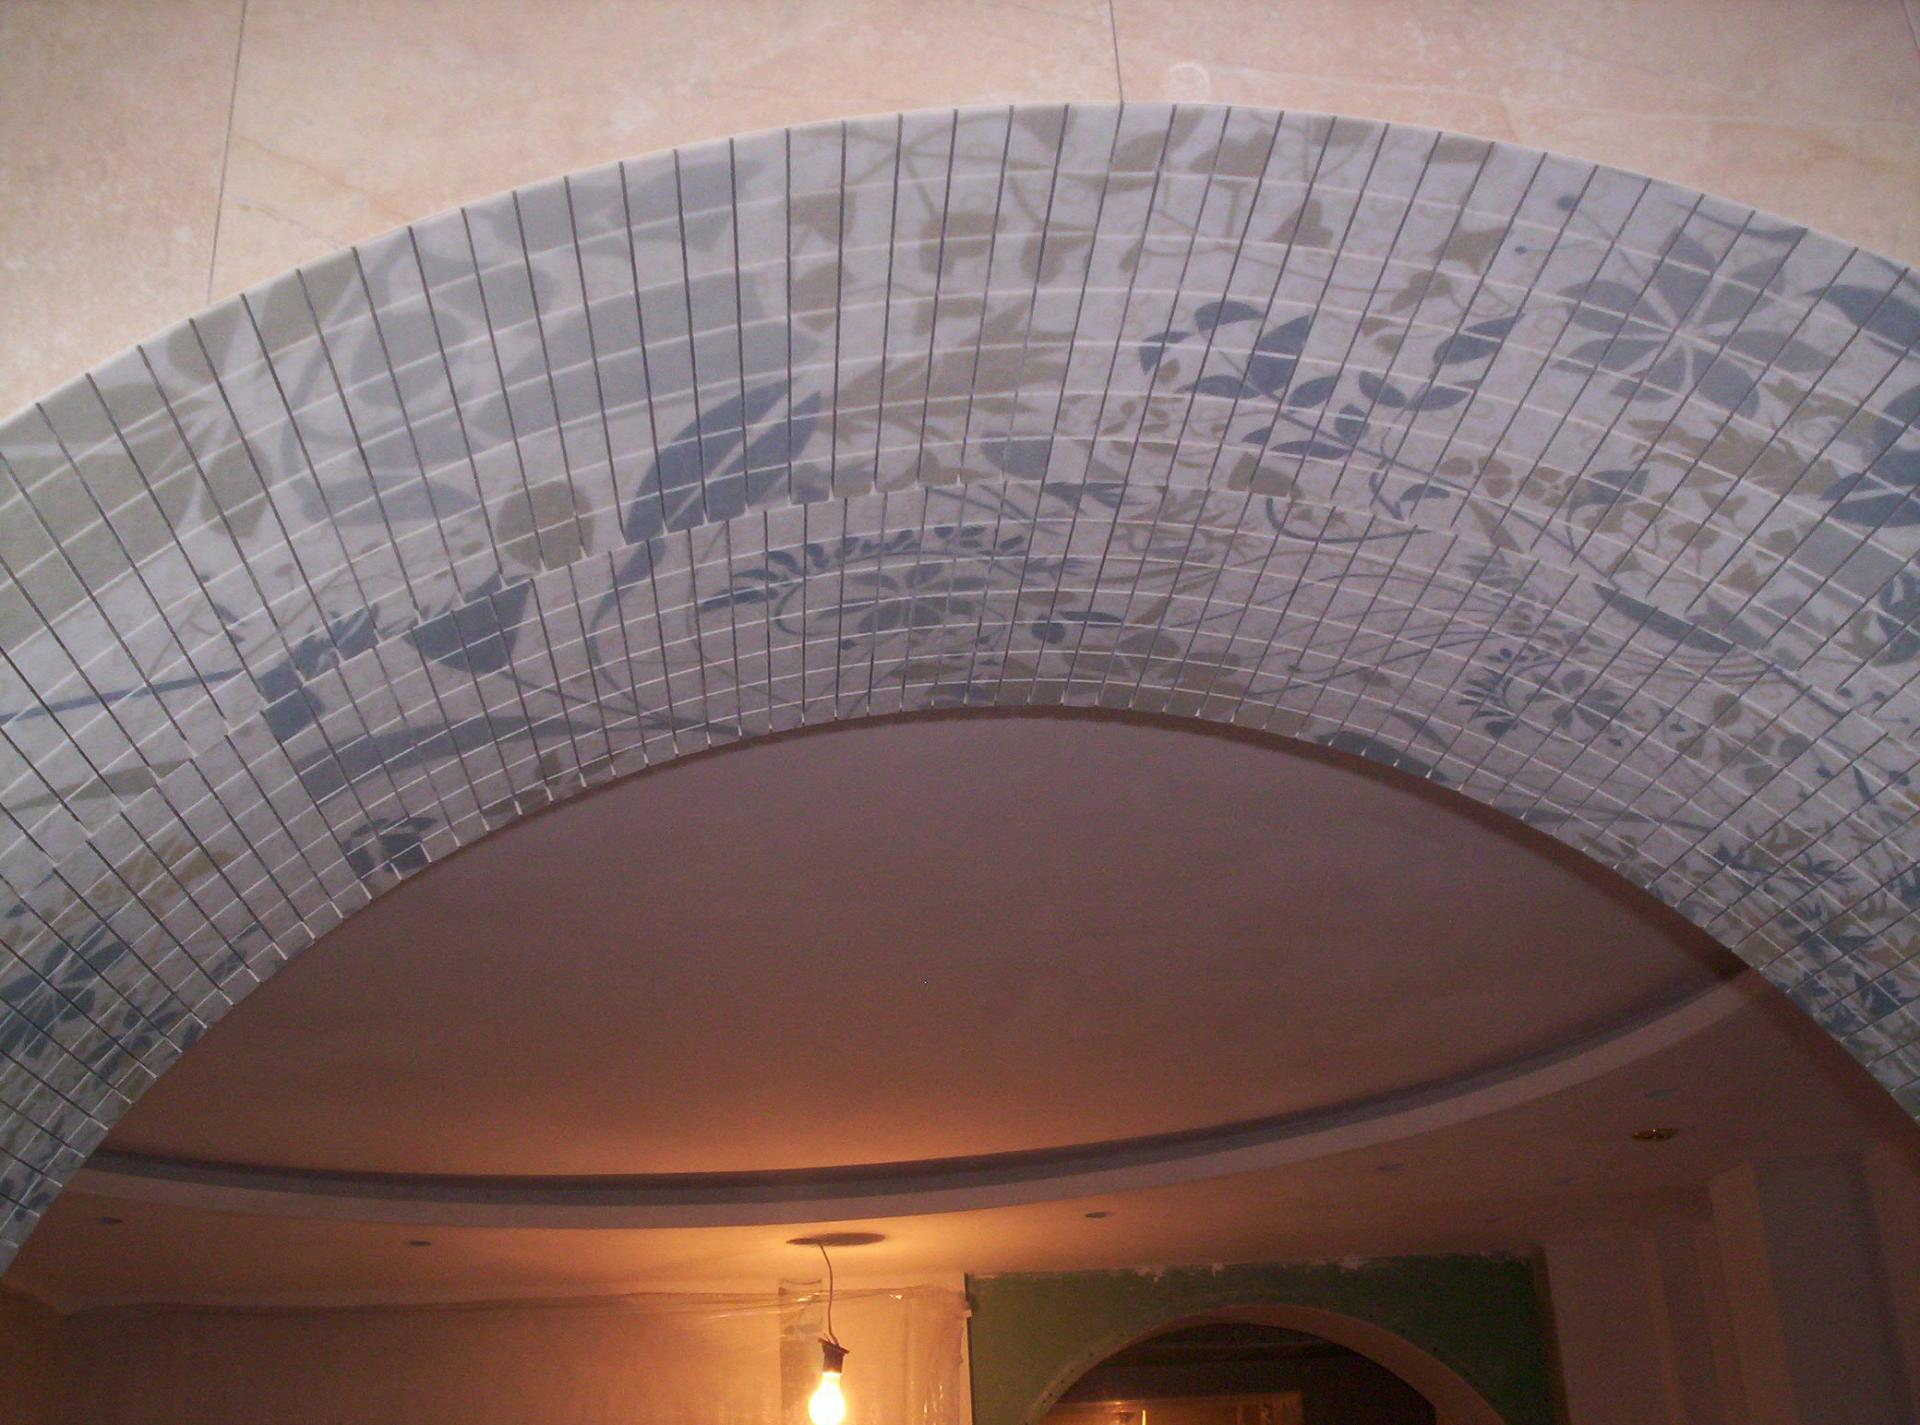 владельцам отделка арок мозаикой фото слабости волокон начинается